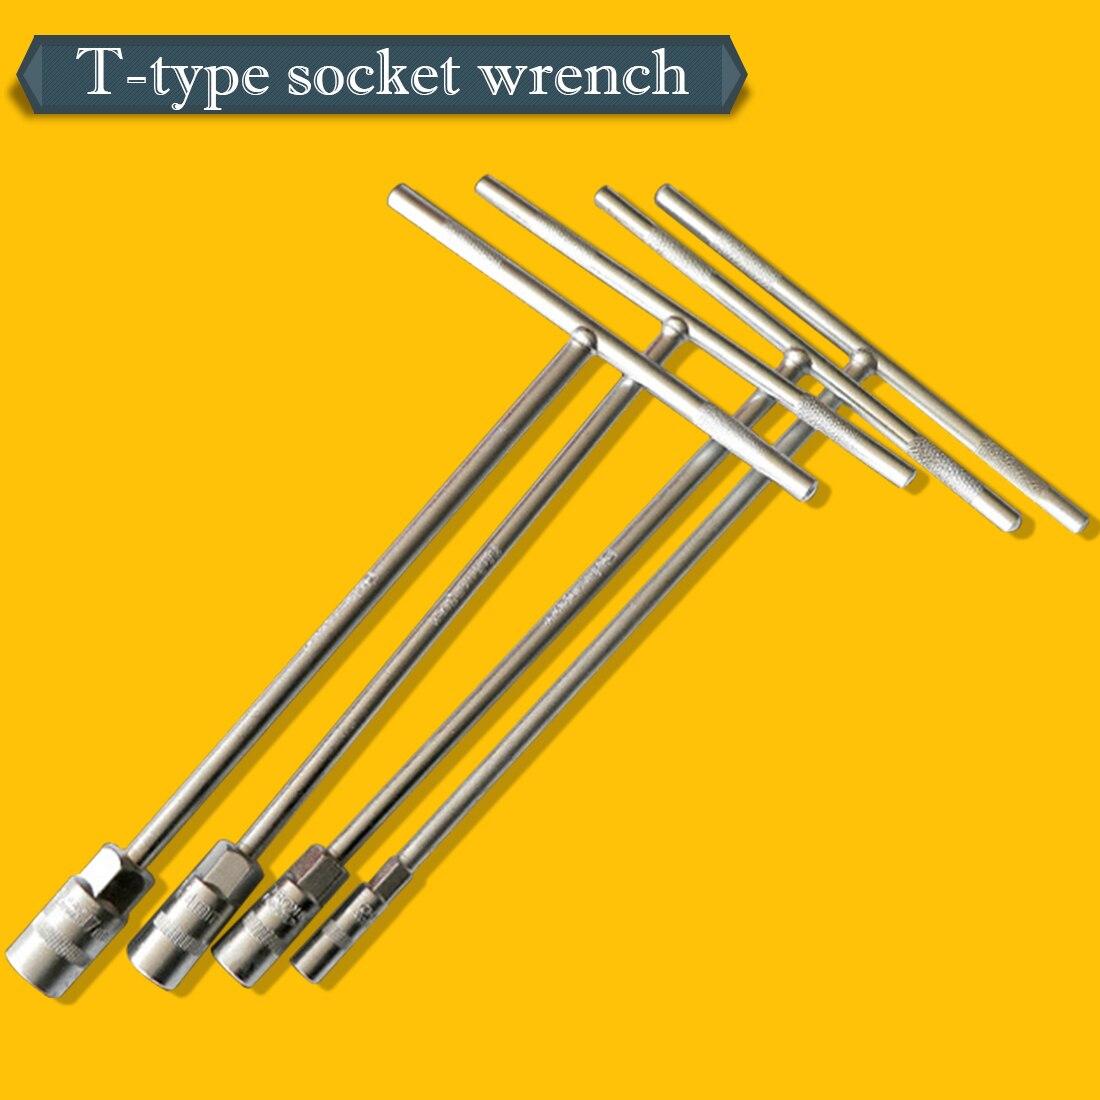 6mm~15mm T-bar Socket Spanner Socket Wrench Nut Spinner, Chrome Vanadium